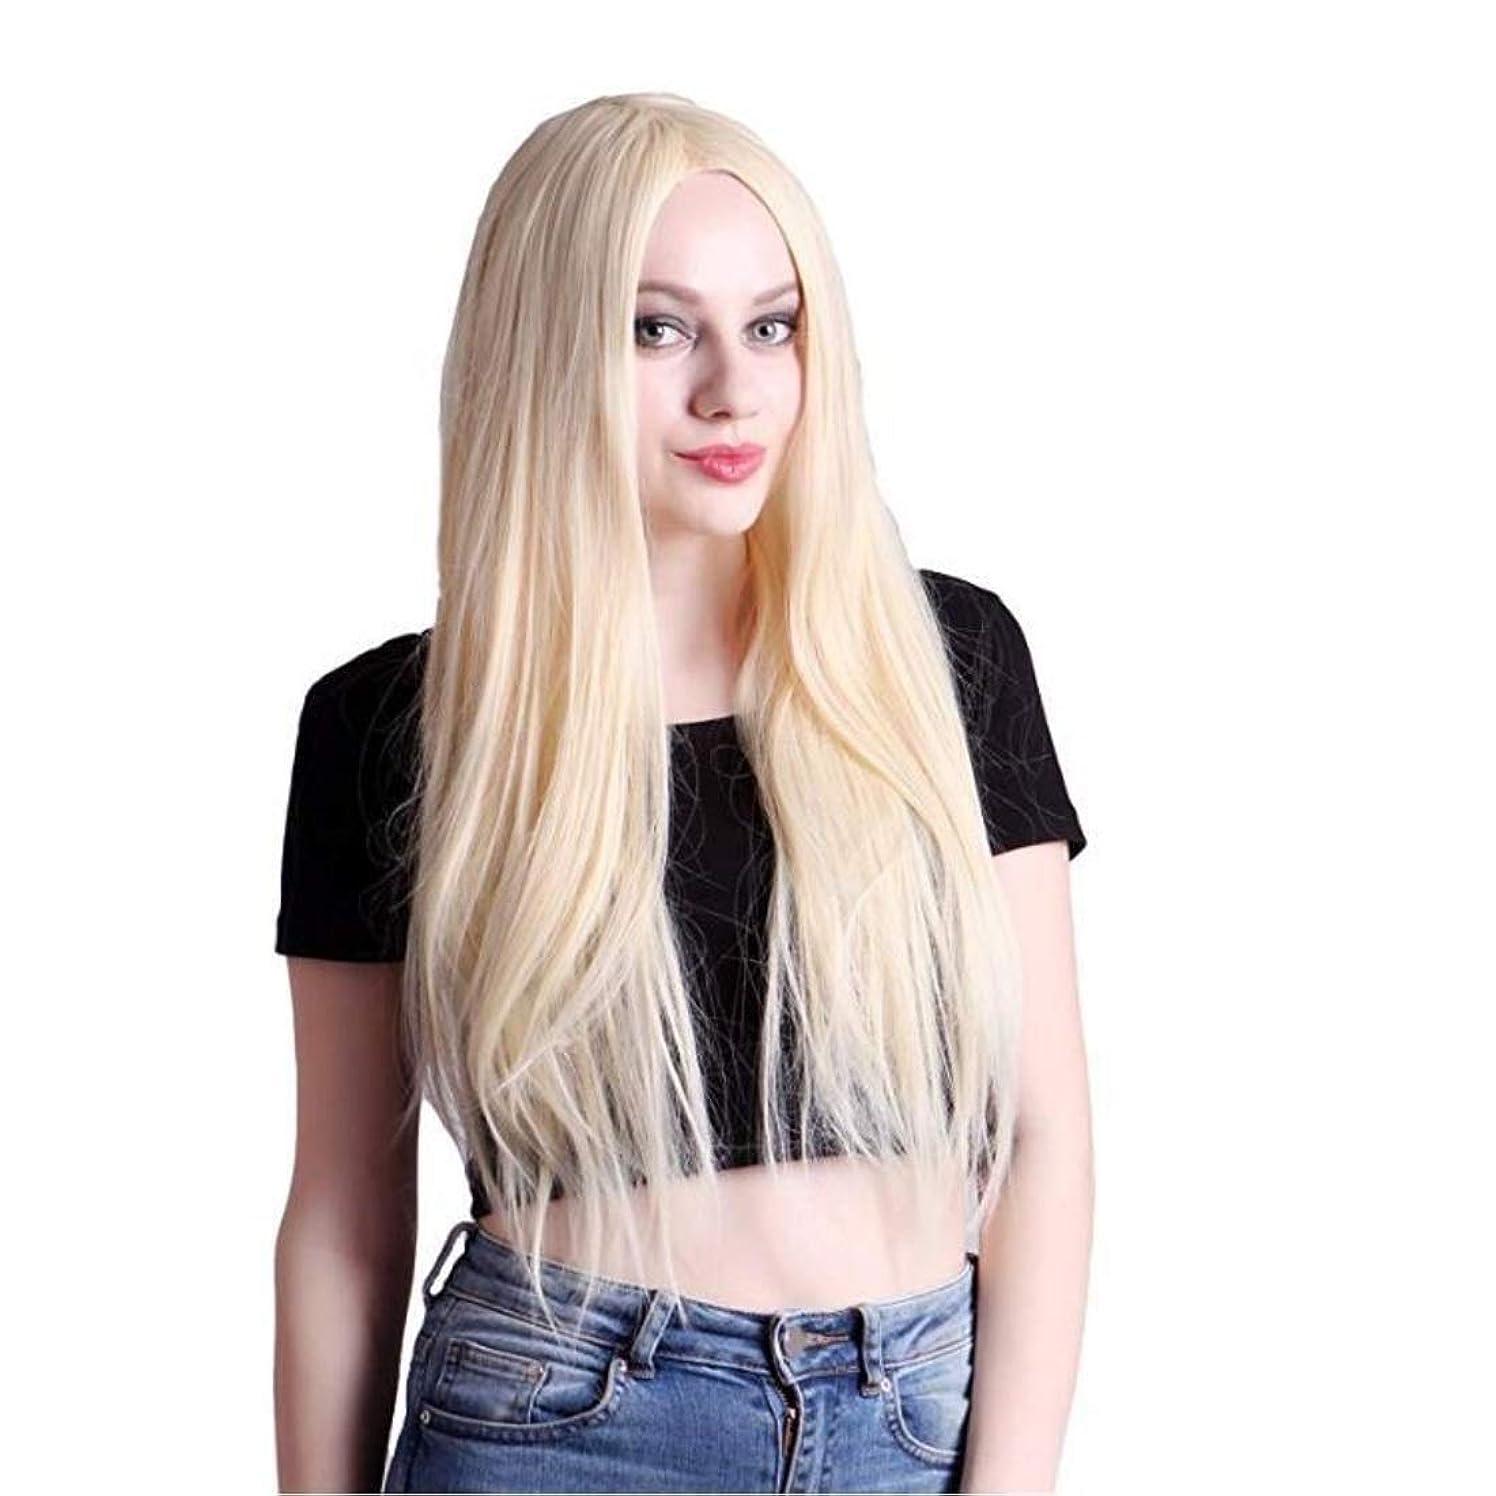 息を切らして女優地図Summerys レディースウィッグ夏スタイルの完璧なヘアラインルートウィッグ人工毛フロントレースかつらすべての肌のトーンのシルクストレートヘア